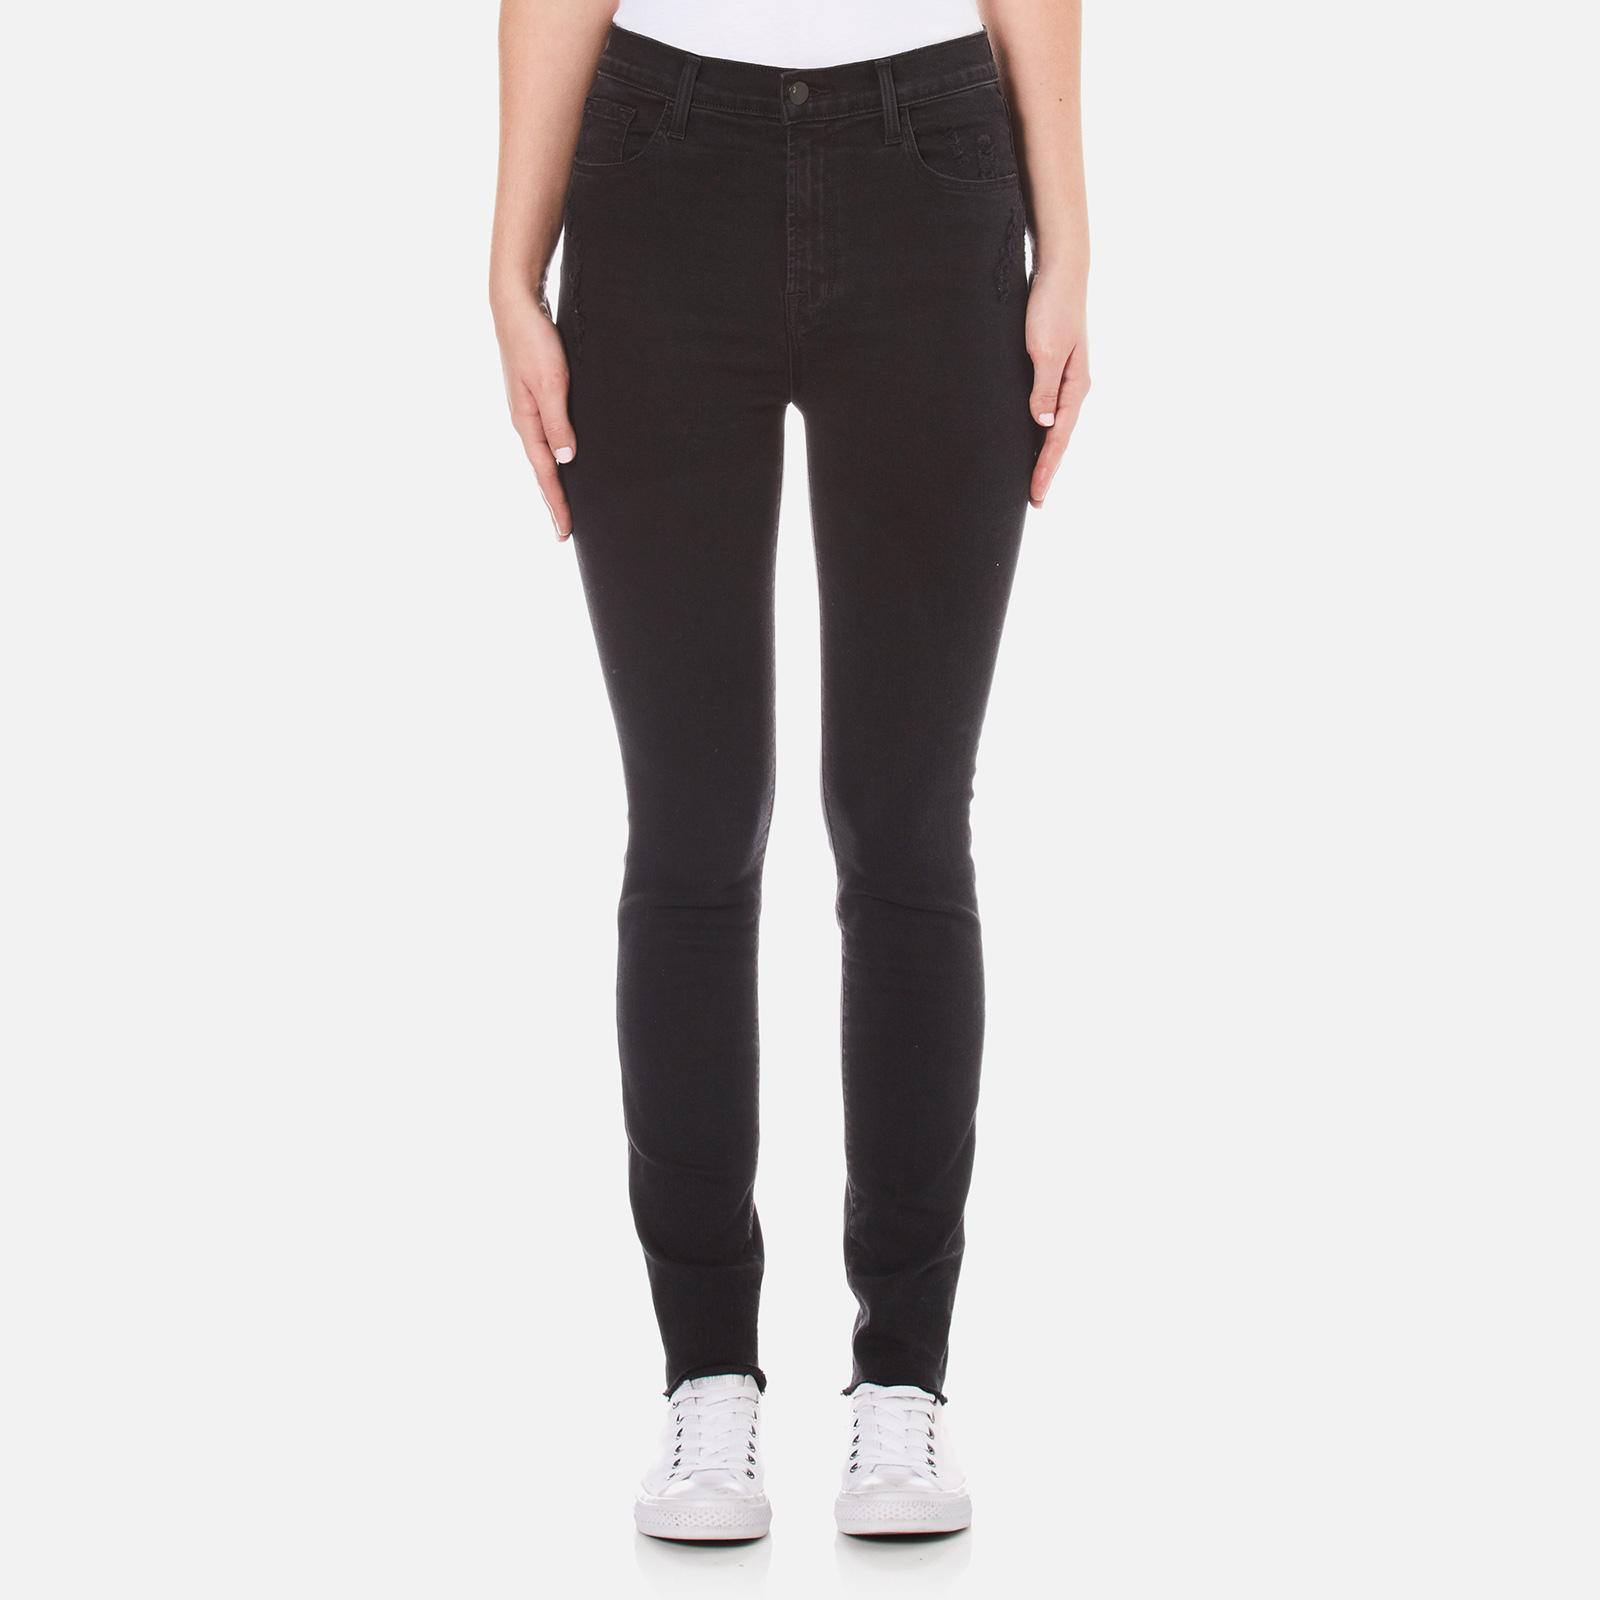 d523ec541da15 ... J Brand Women s Carolina Super High Rise Supersoft Photoready Skinny  Jeans - Exile